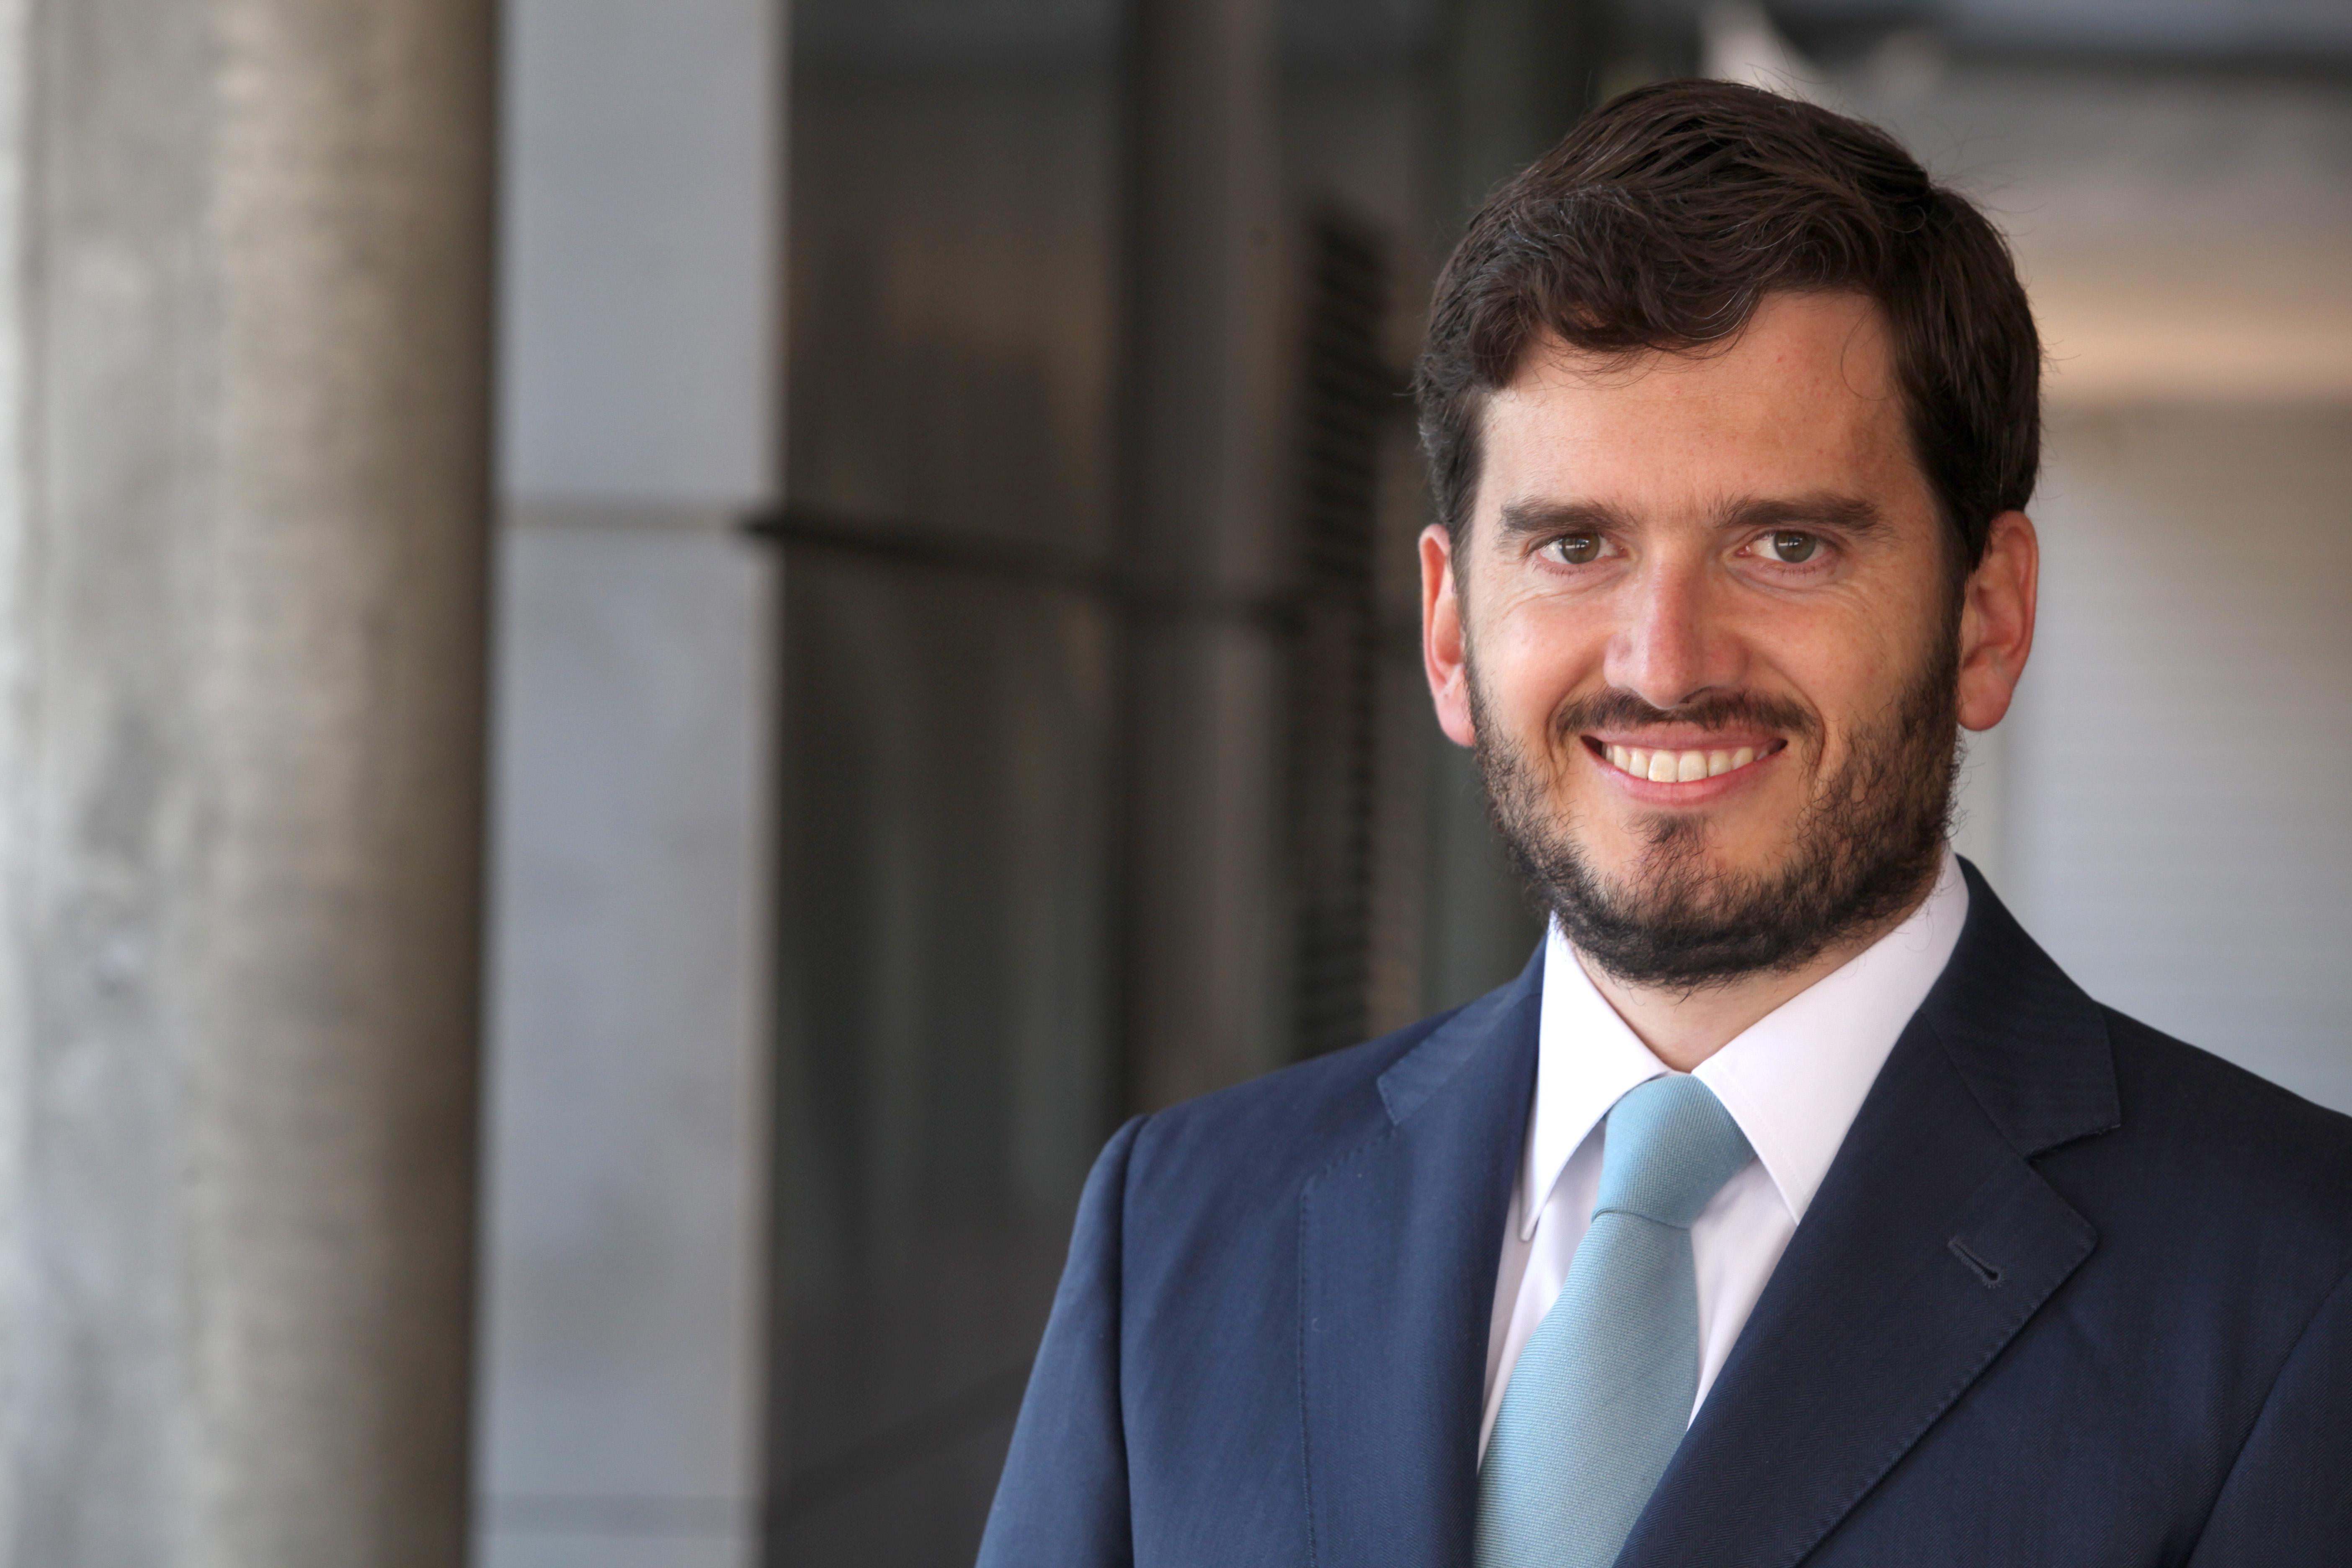 Carlos Jaureguizar, director general de Finanzas y Estrategia